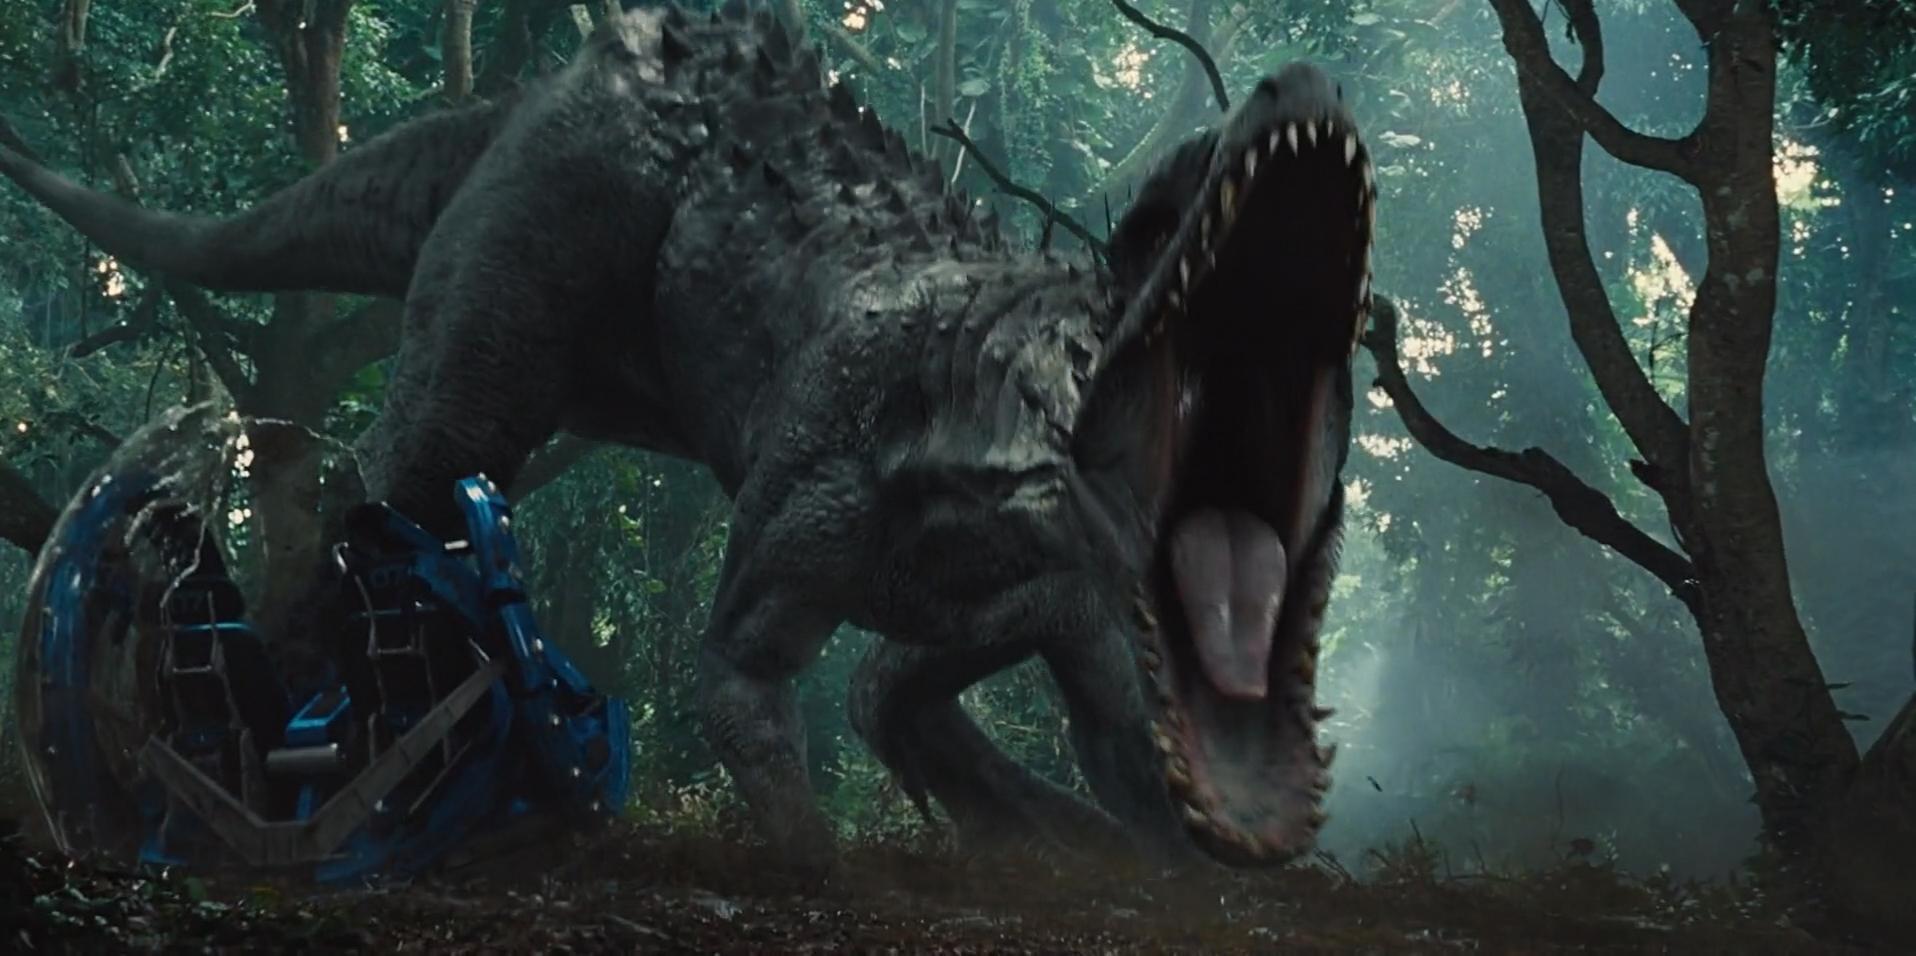 Wallpaper : Jurassic World, dinosaurs